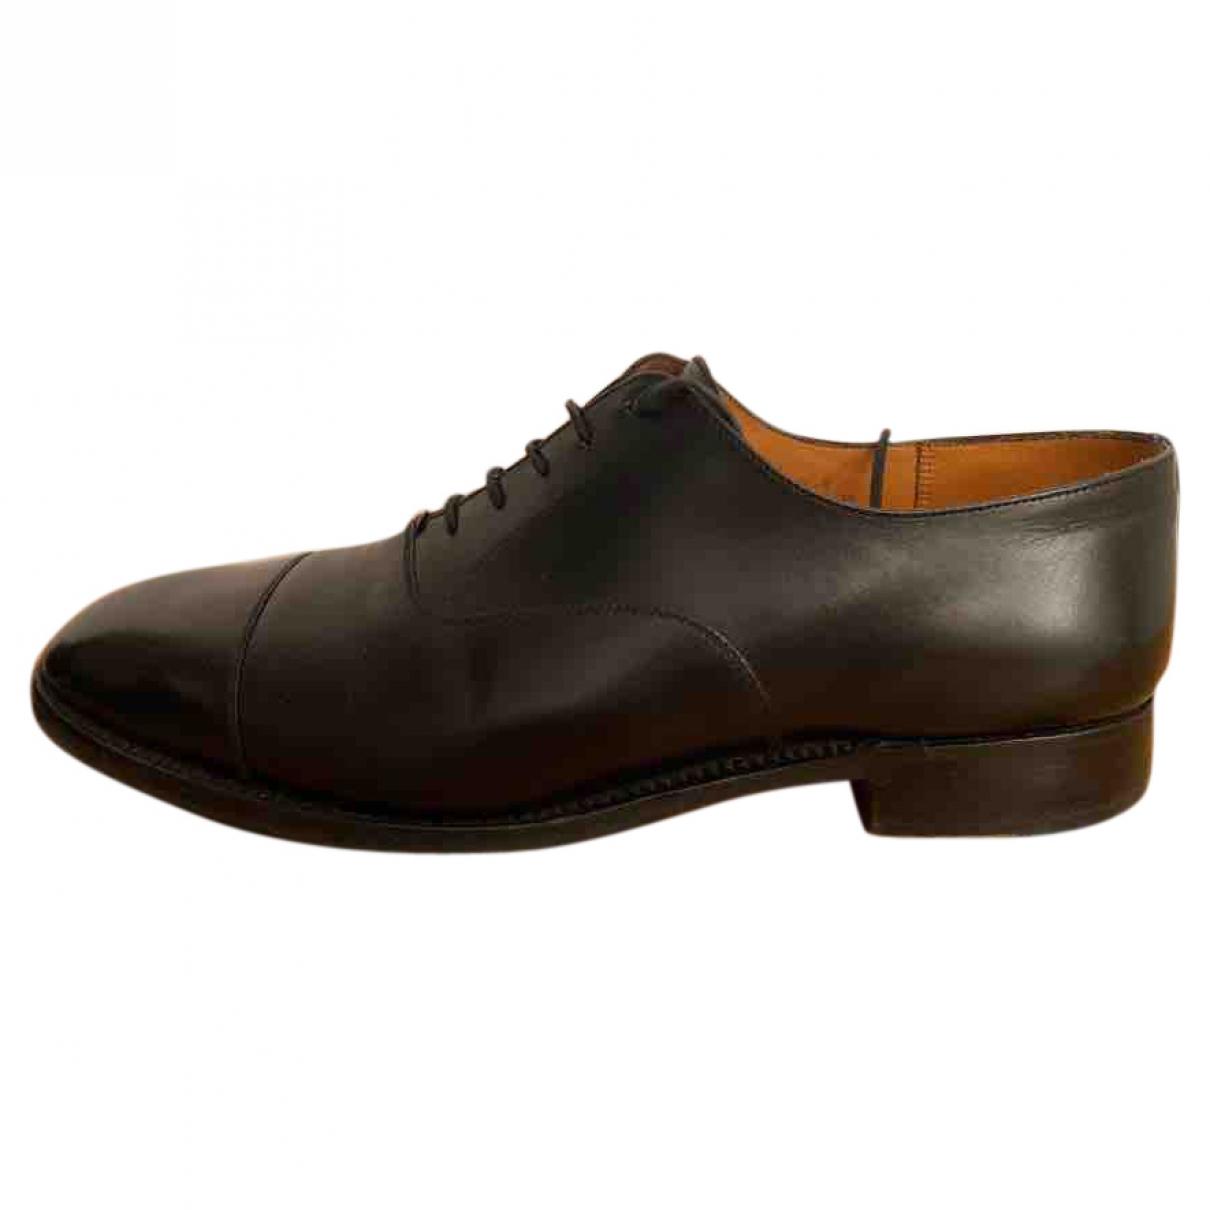 Jm Weston \N Black Leather Lace ups for Men 41 EU